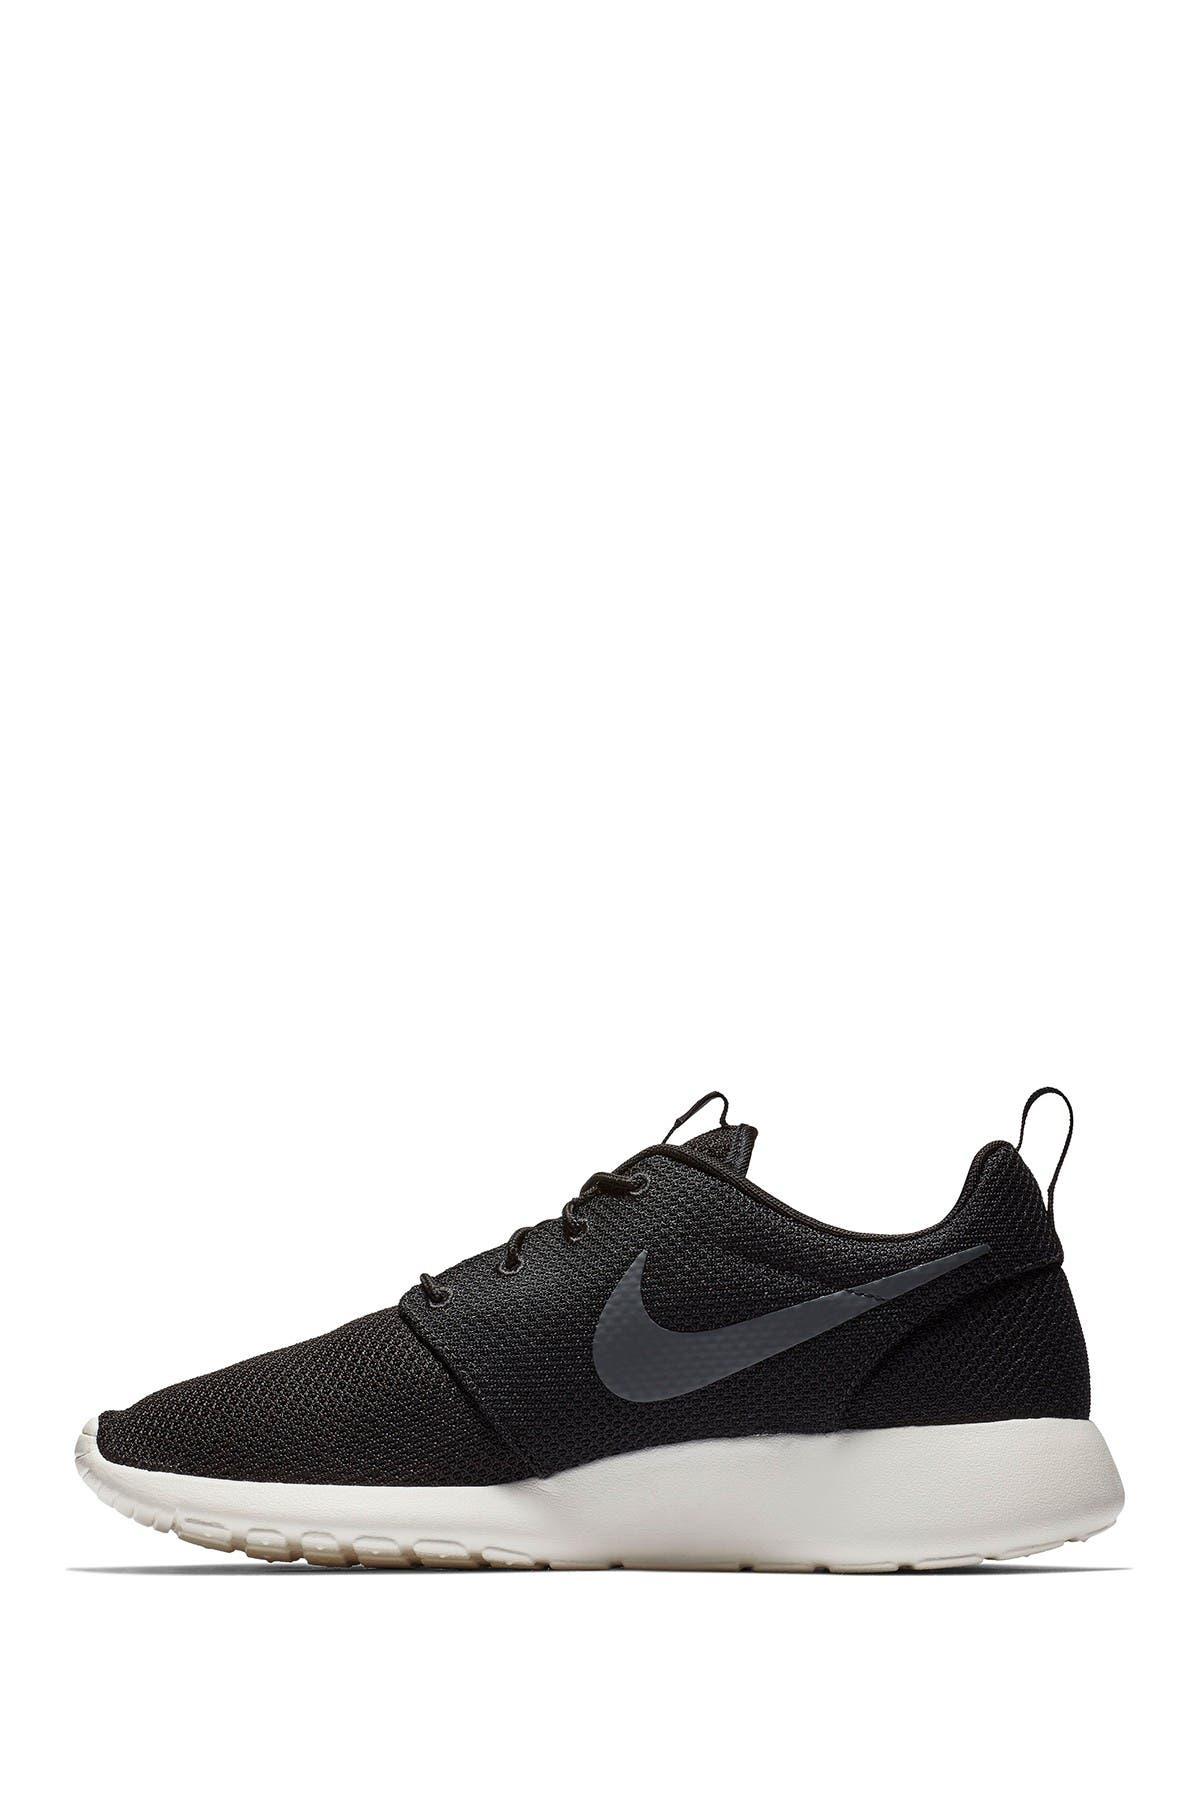 Nike   Roshe One Running Shoe